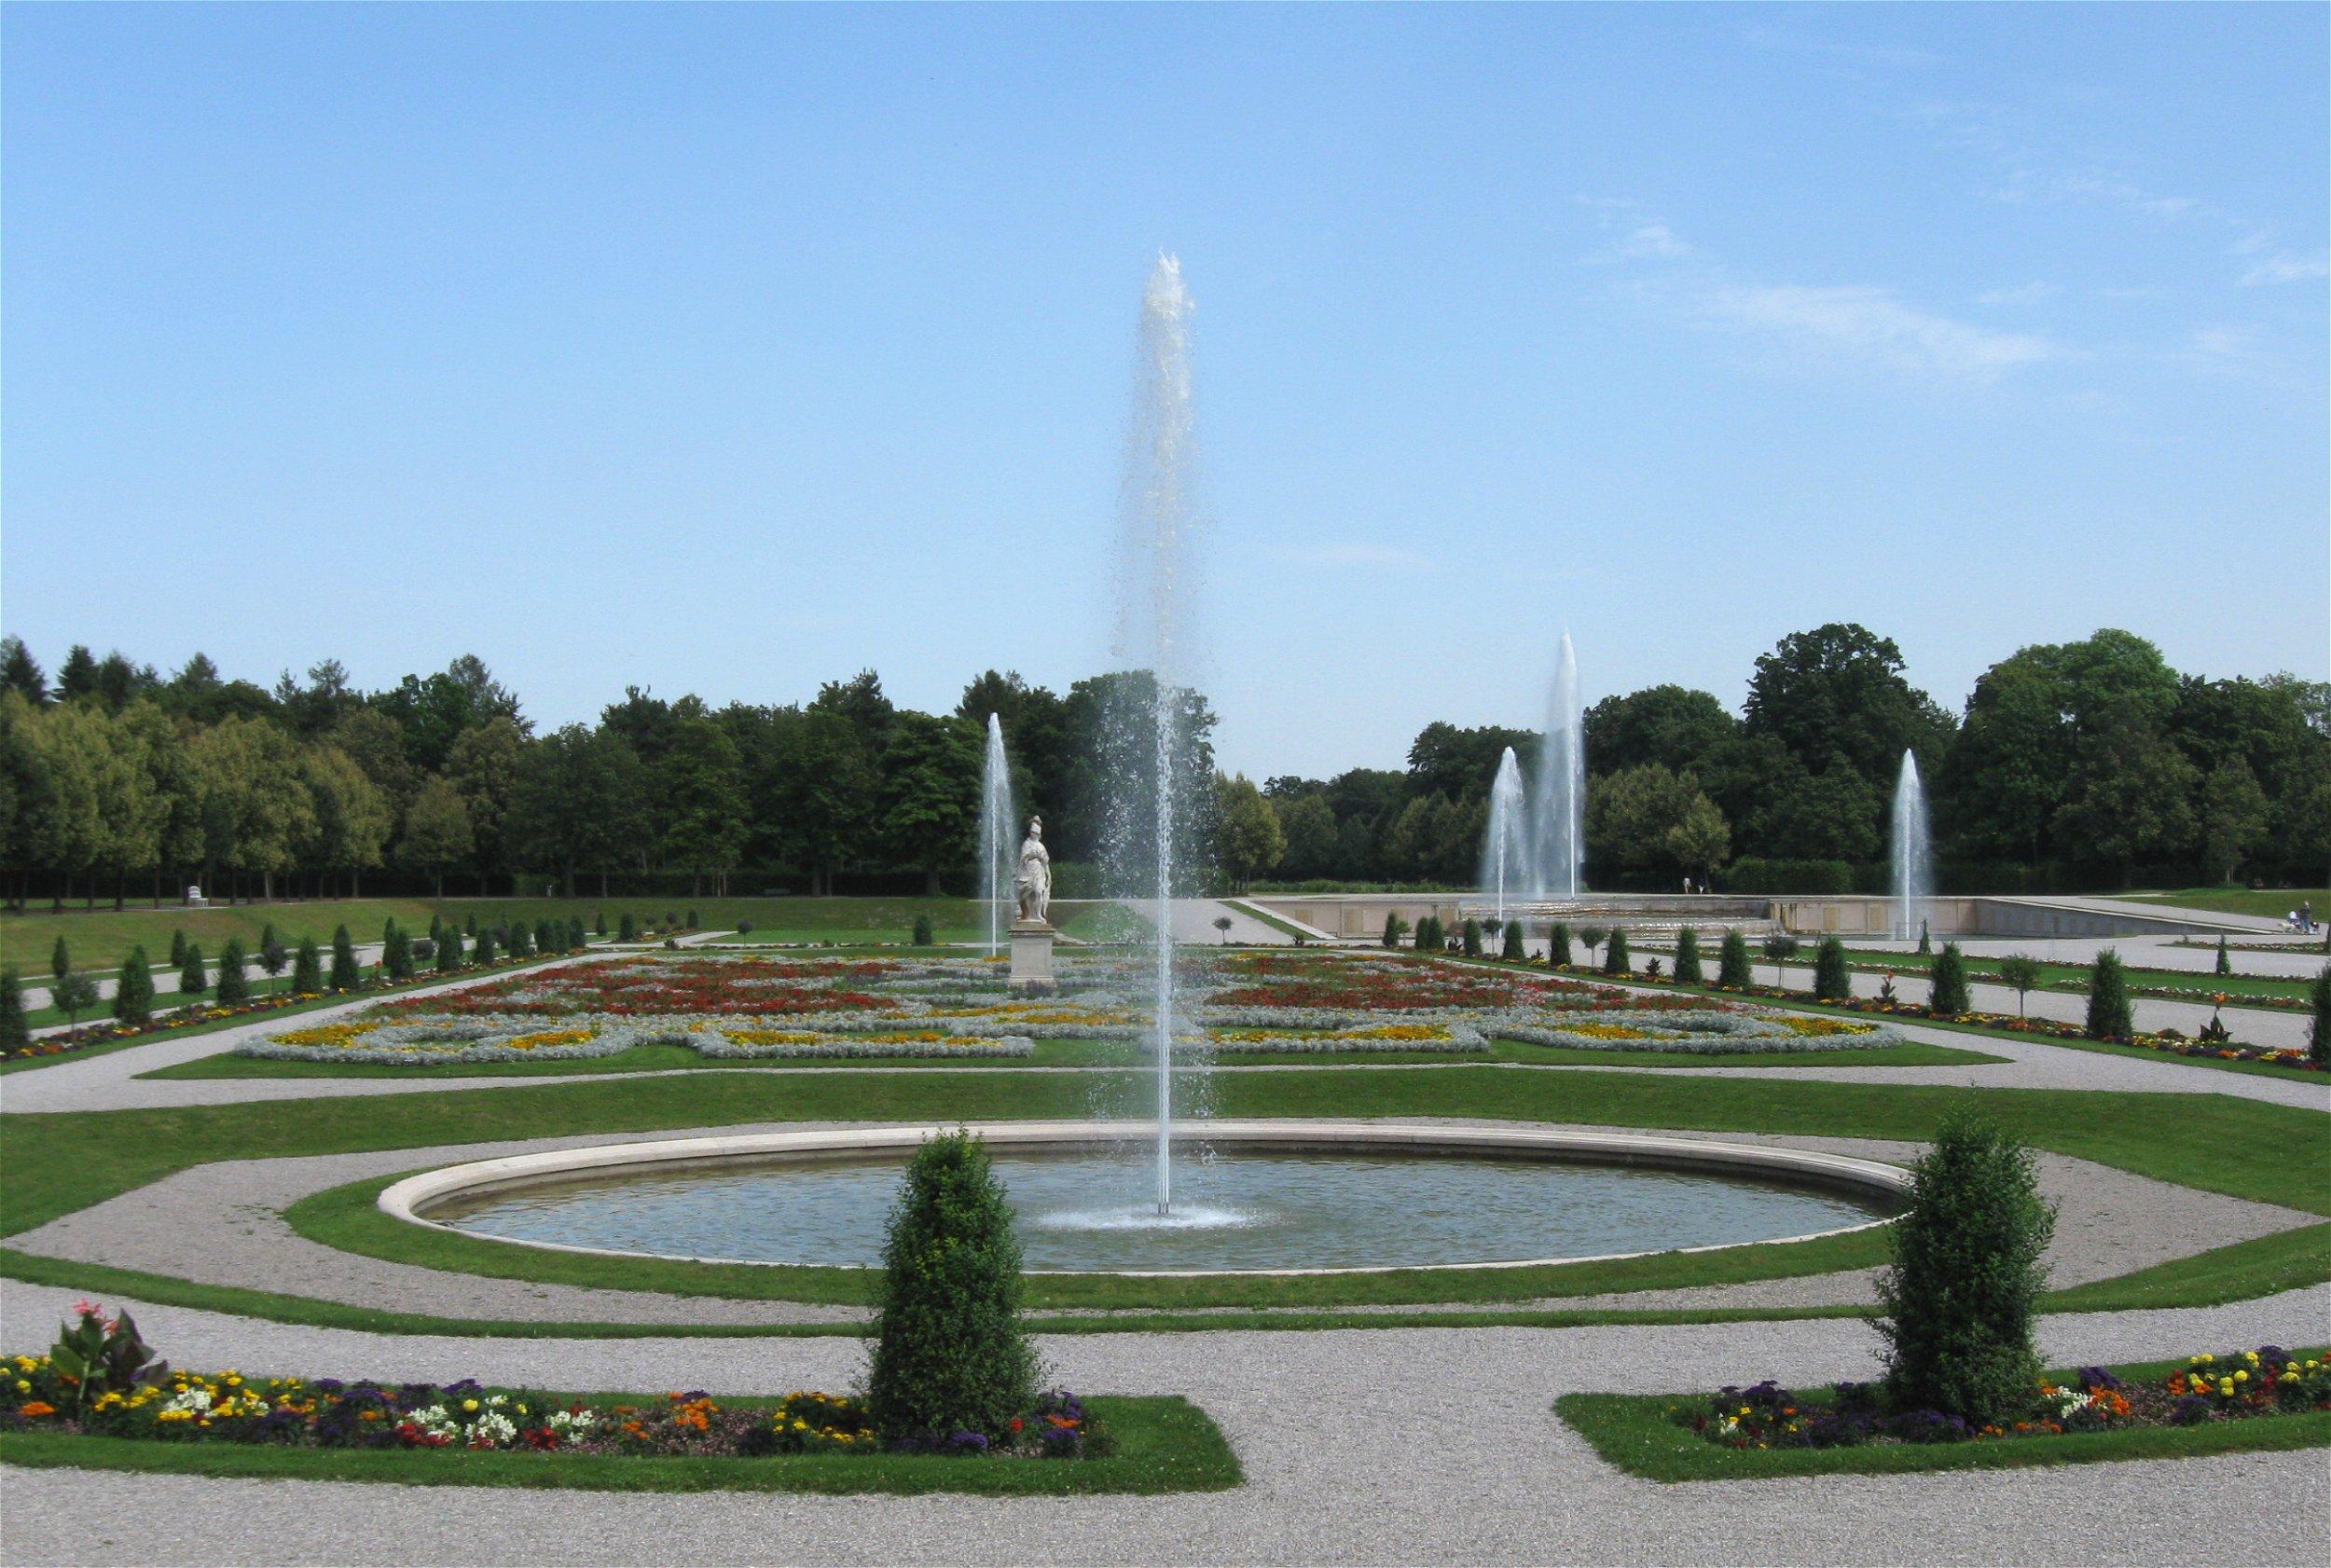 Bild von München (Landkreis): Neues Schloss Schleissheim Gartenparterre-3